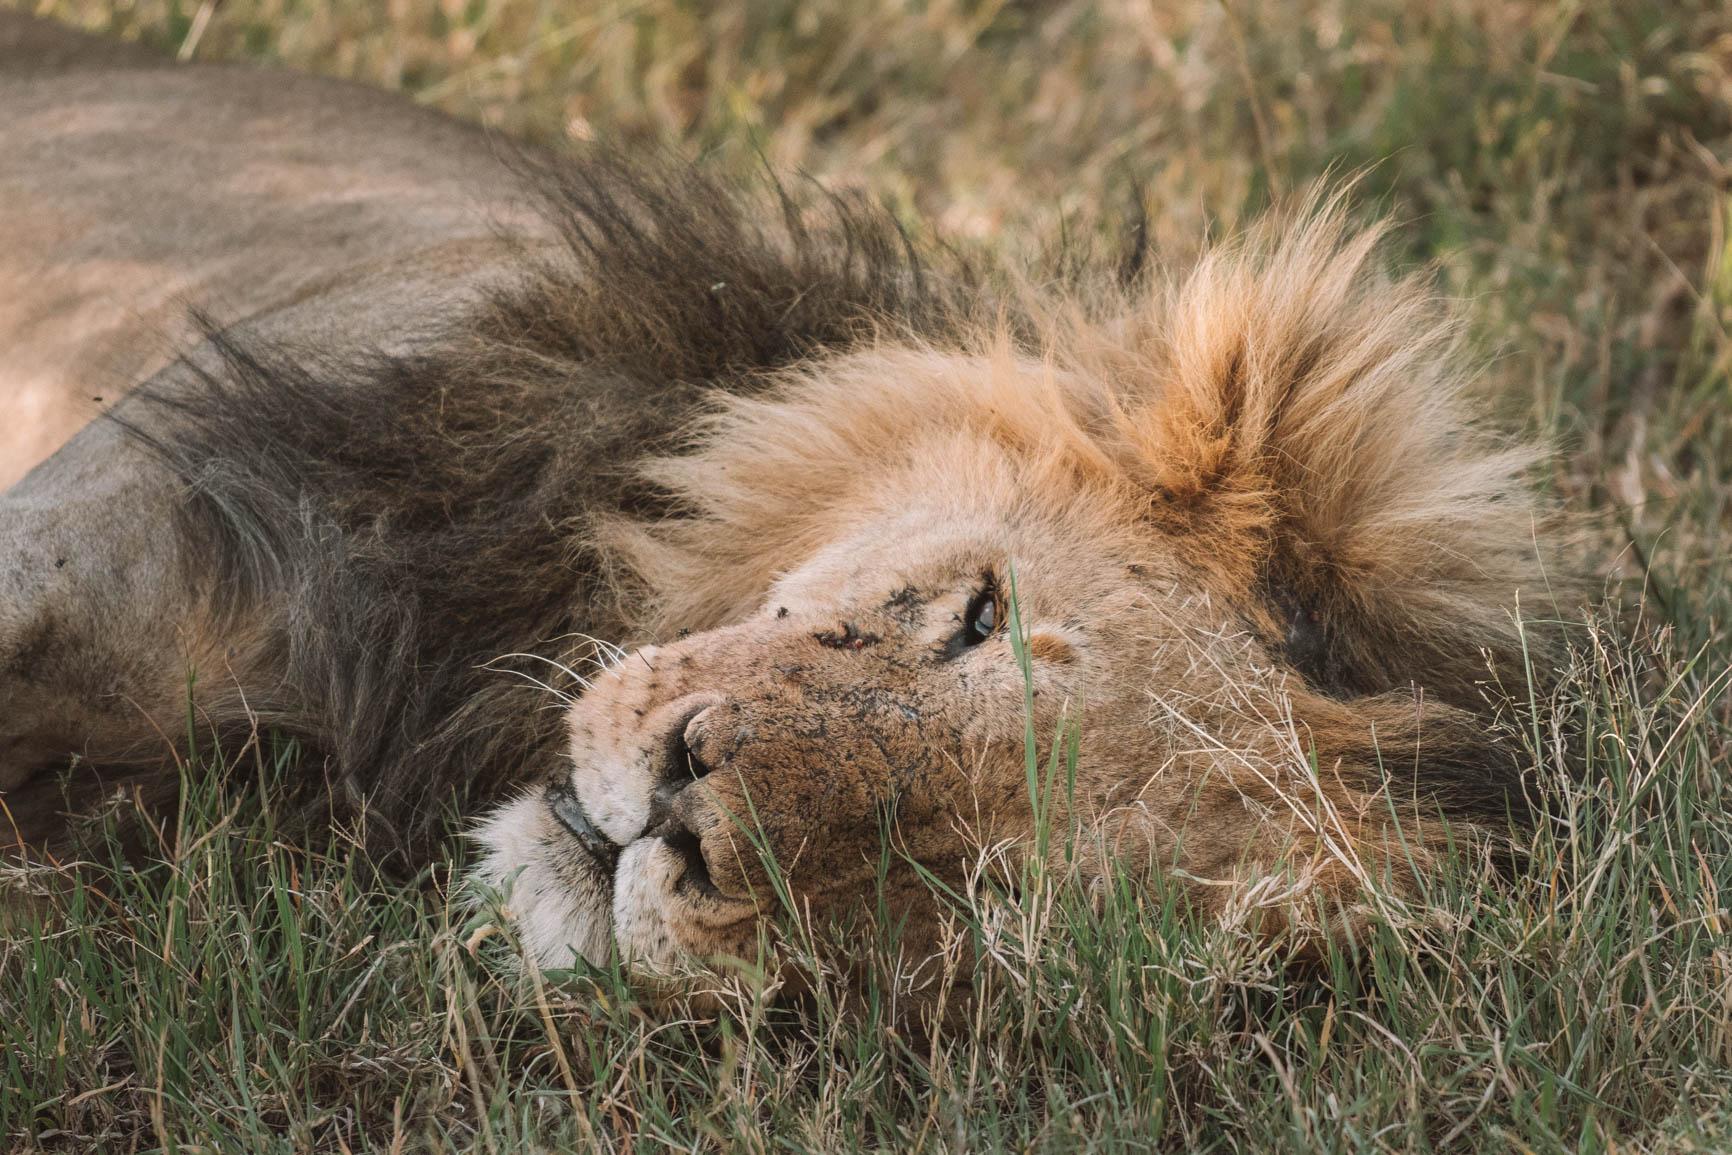 Lion Kenya wildlife safari Maasai Mara Big 5 Luxury lodge